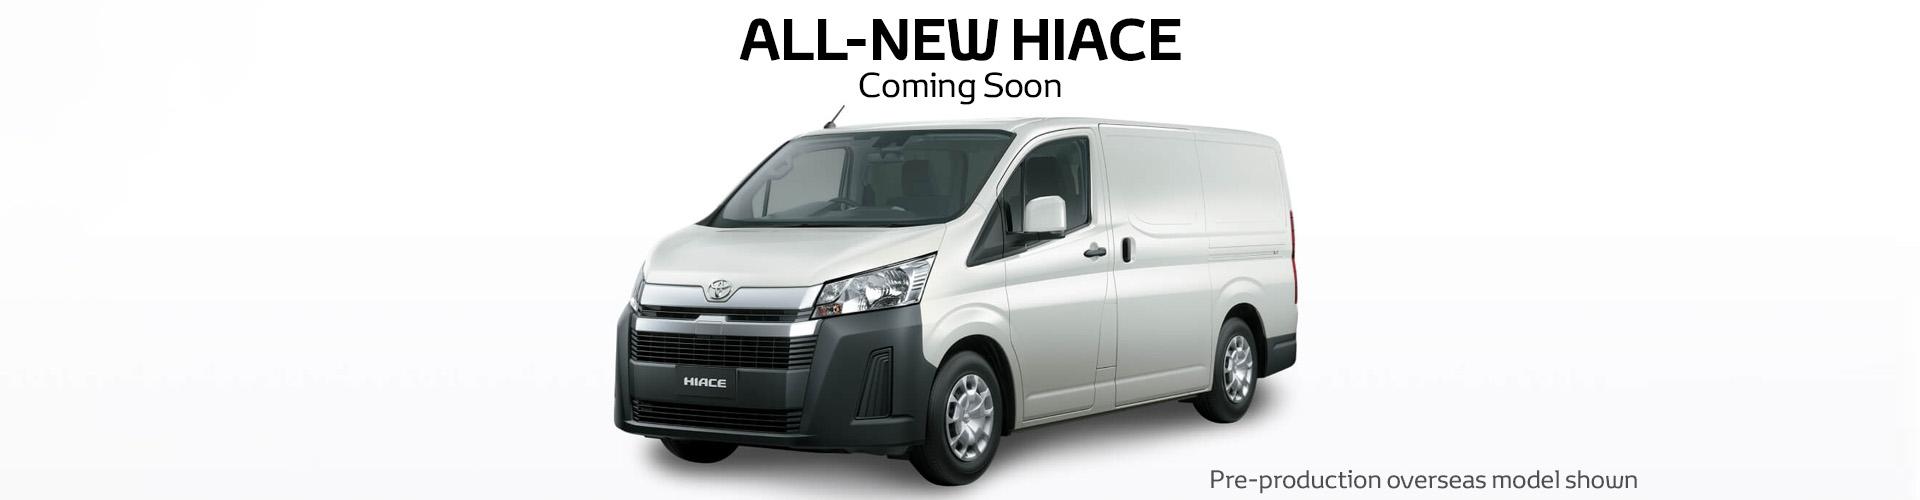 All-New HiAce